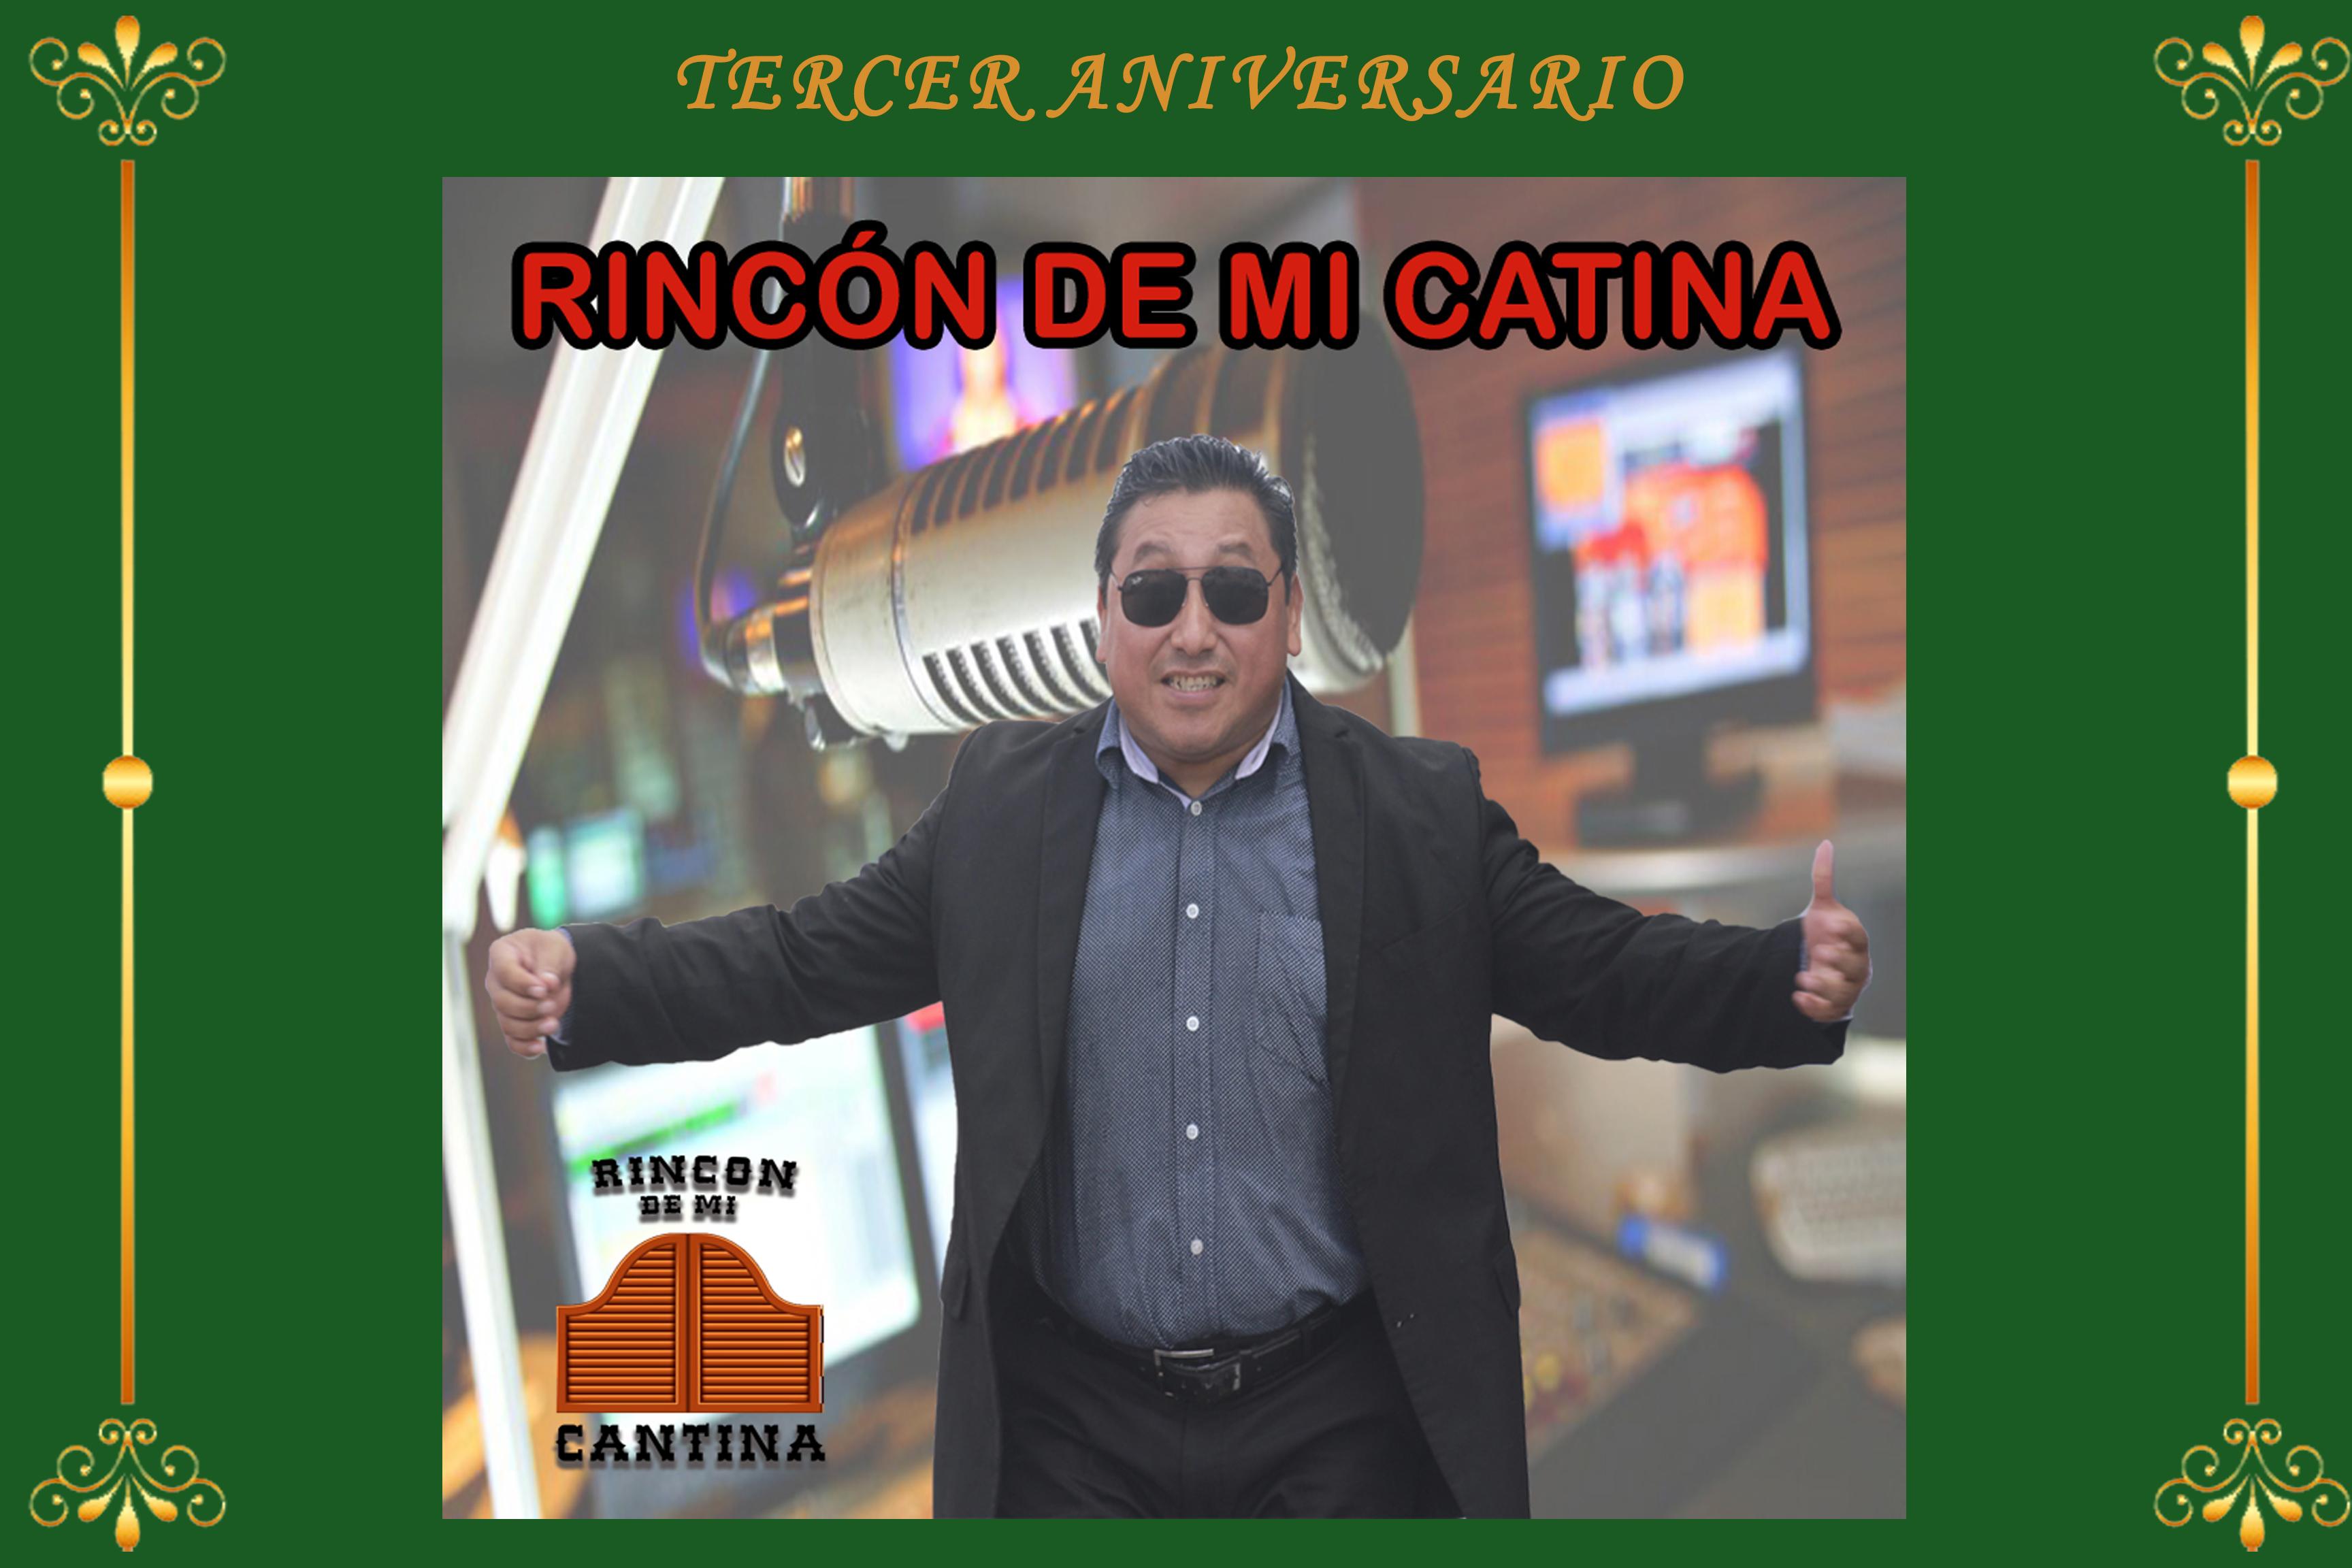 RINCON DE MI CANTINA TERCER